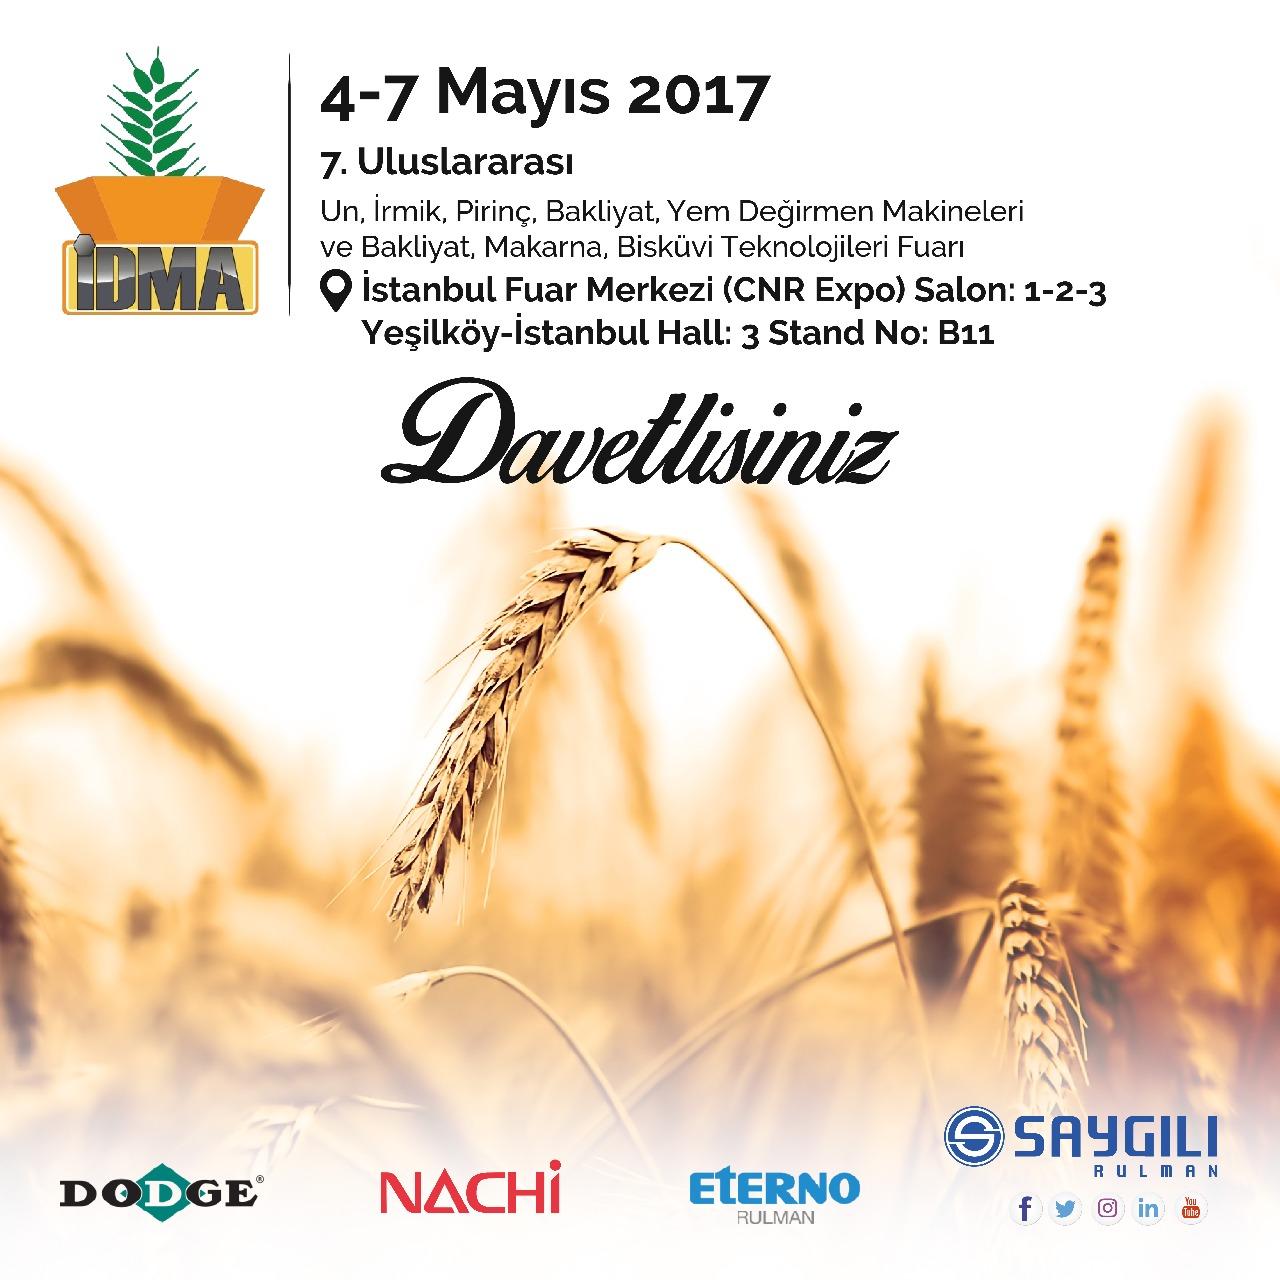 04-07 Mayıs İDMA 7. Uluslararası Un, İrmik, Pirinç, Mısır, Bulgur, Yem Değirmen Makineleri ve Bakliyat, Makarna, Bisküvi Teknolojileri Fuarı 'ndayız